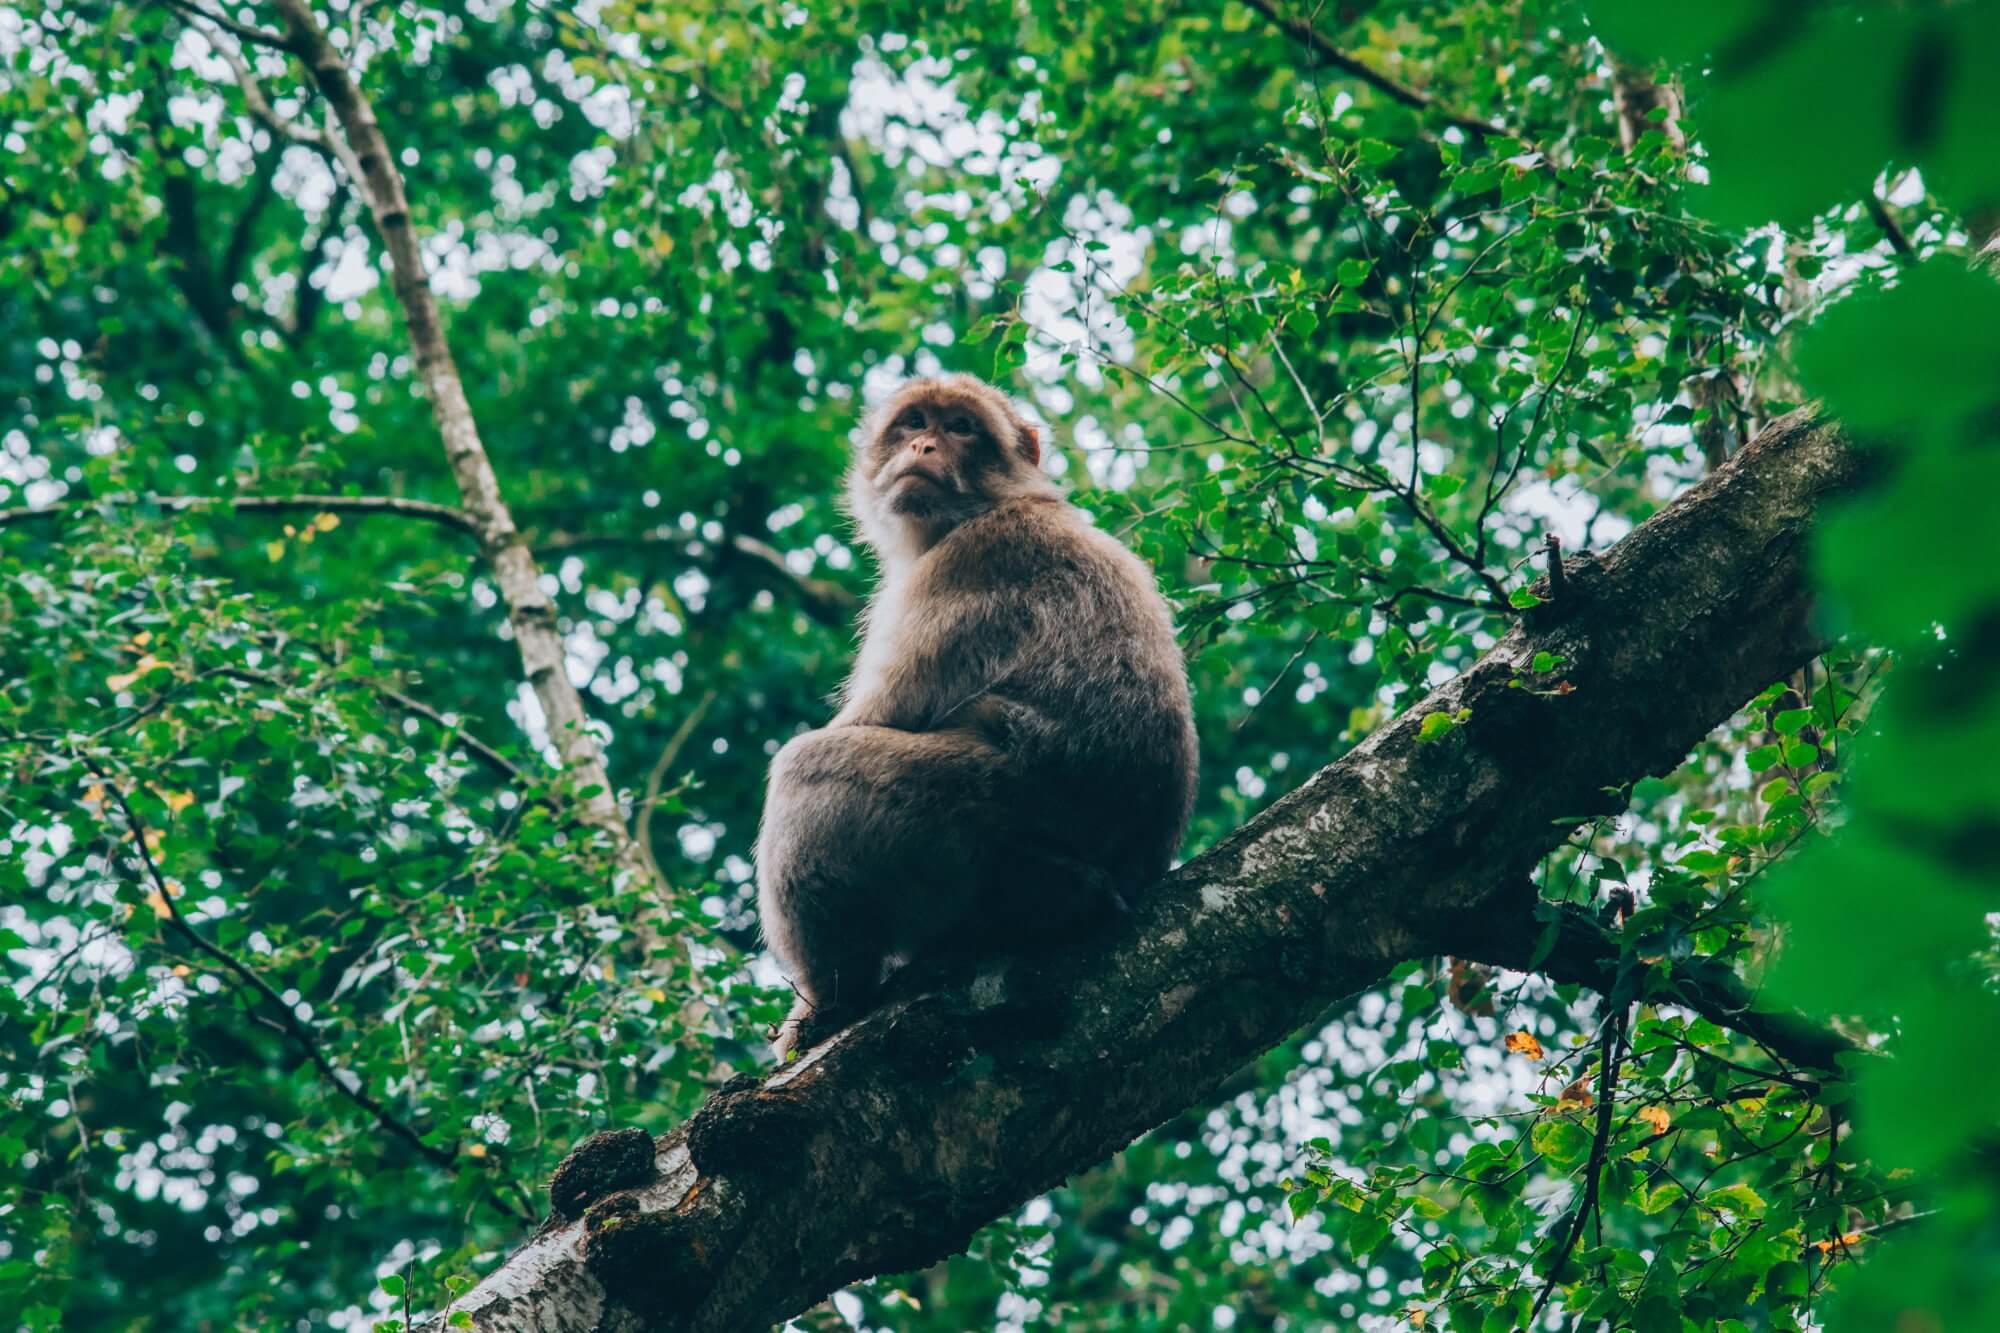 Найдено доказательство, что обезьяны способны есть крыс